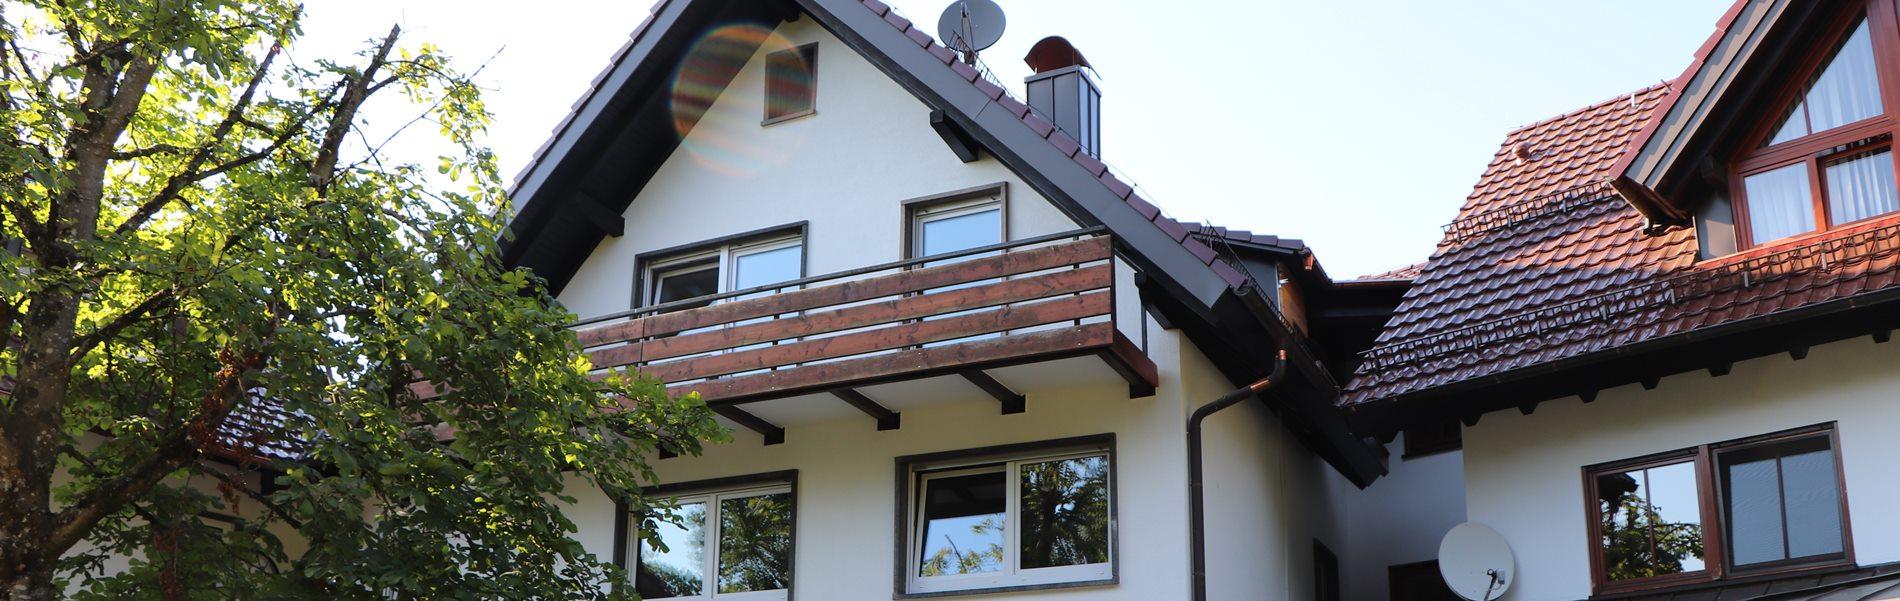 mietwohungen-aussicht-wohnpark-schwarzwald-oberharmersbach